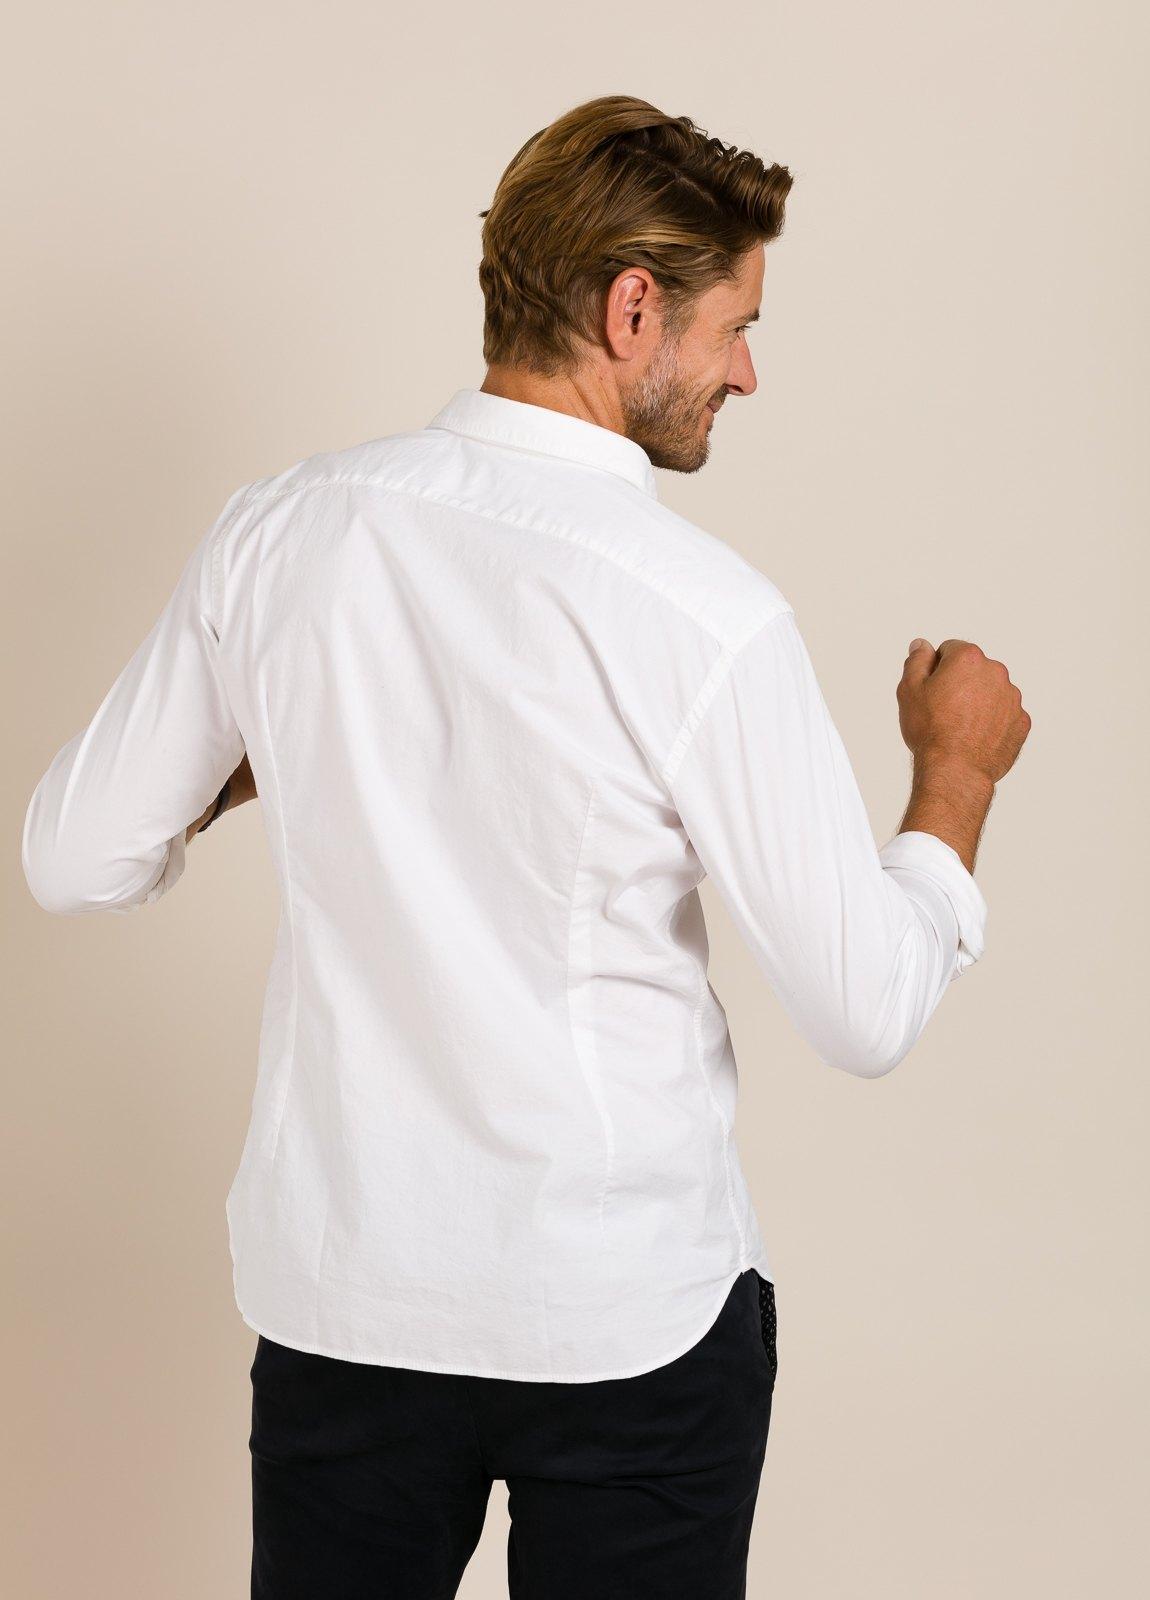 Camisa sport TINTORIA MATEI lisa blanca - Ítem4